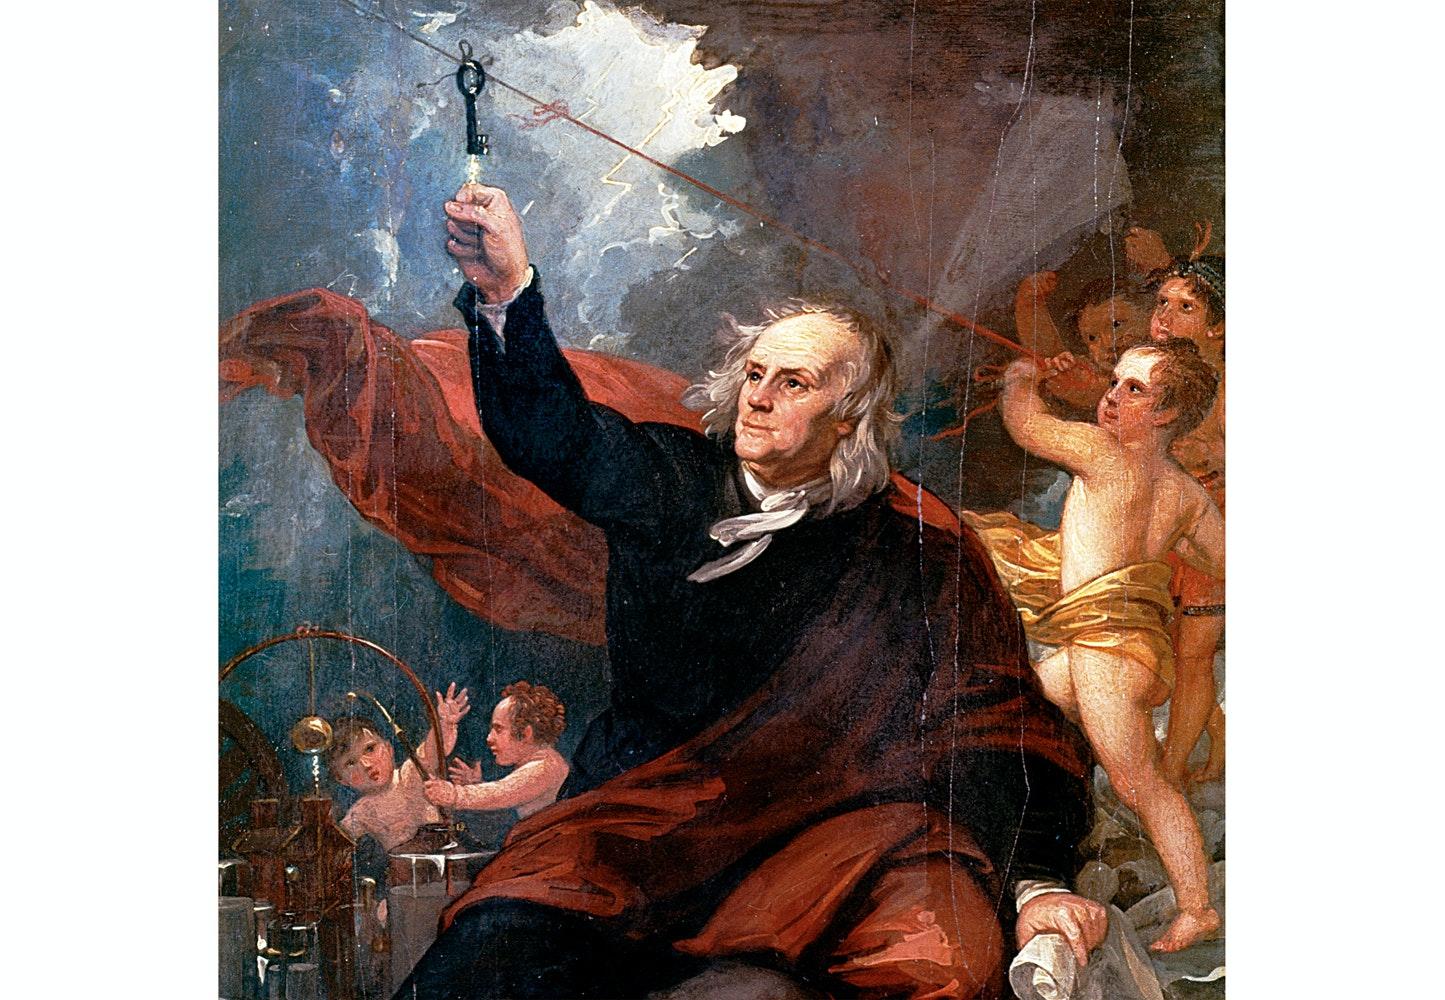 Hvad blev der af Benjamin Franklin? | Historienet.dk